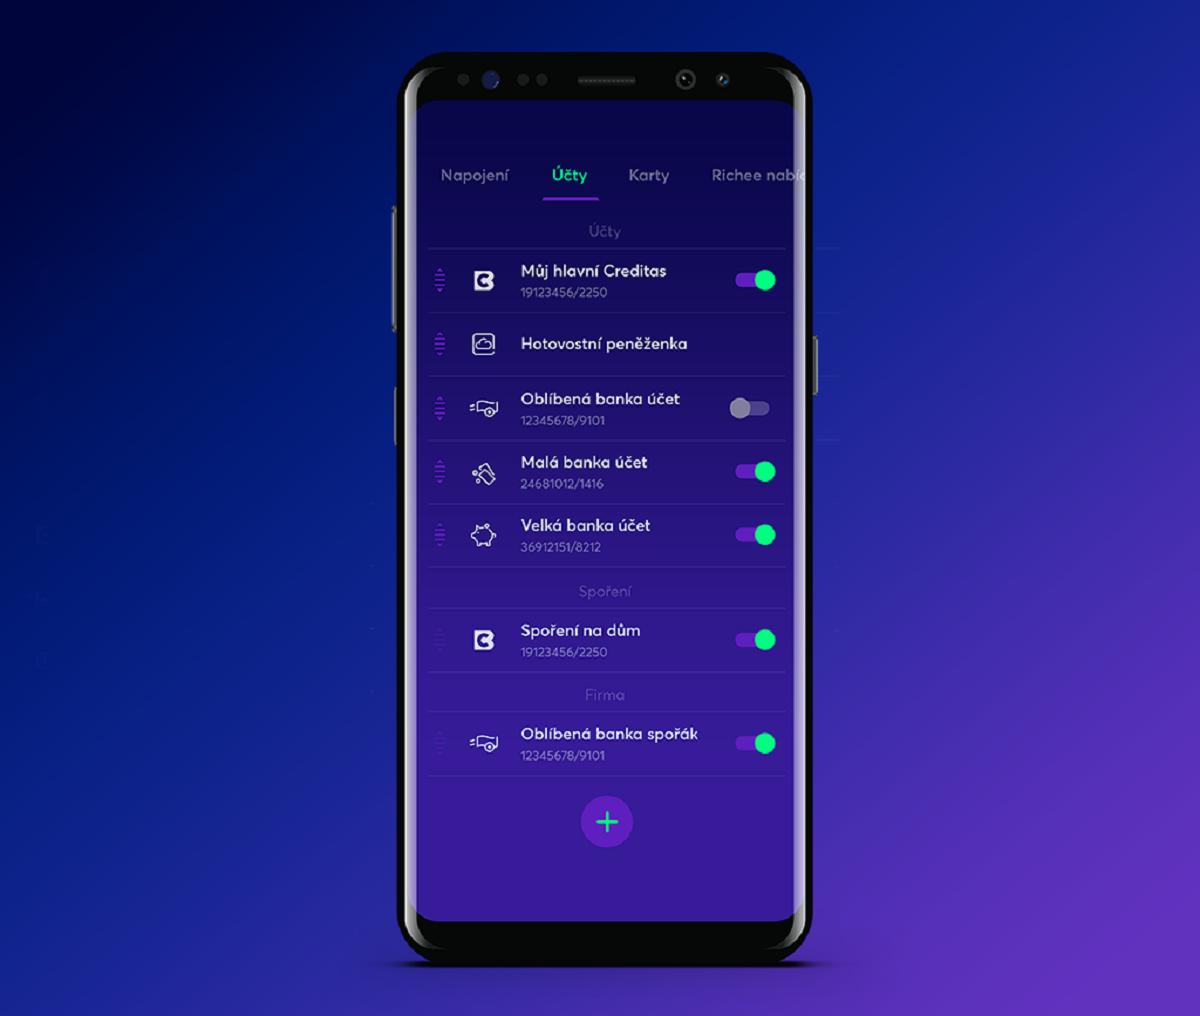 V aplikaci si lze nastavit také virtuální účet, kam si uživatel zadá informace sám